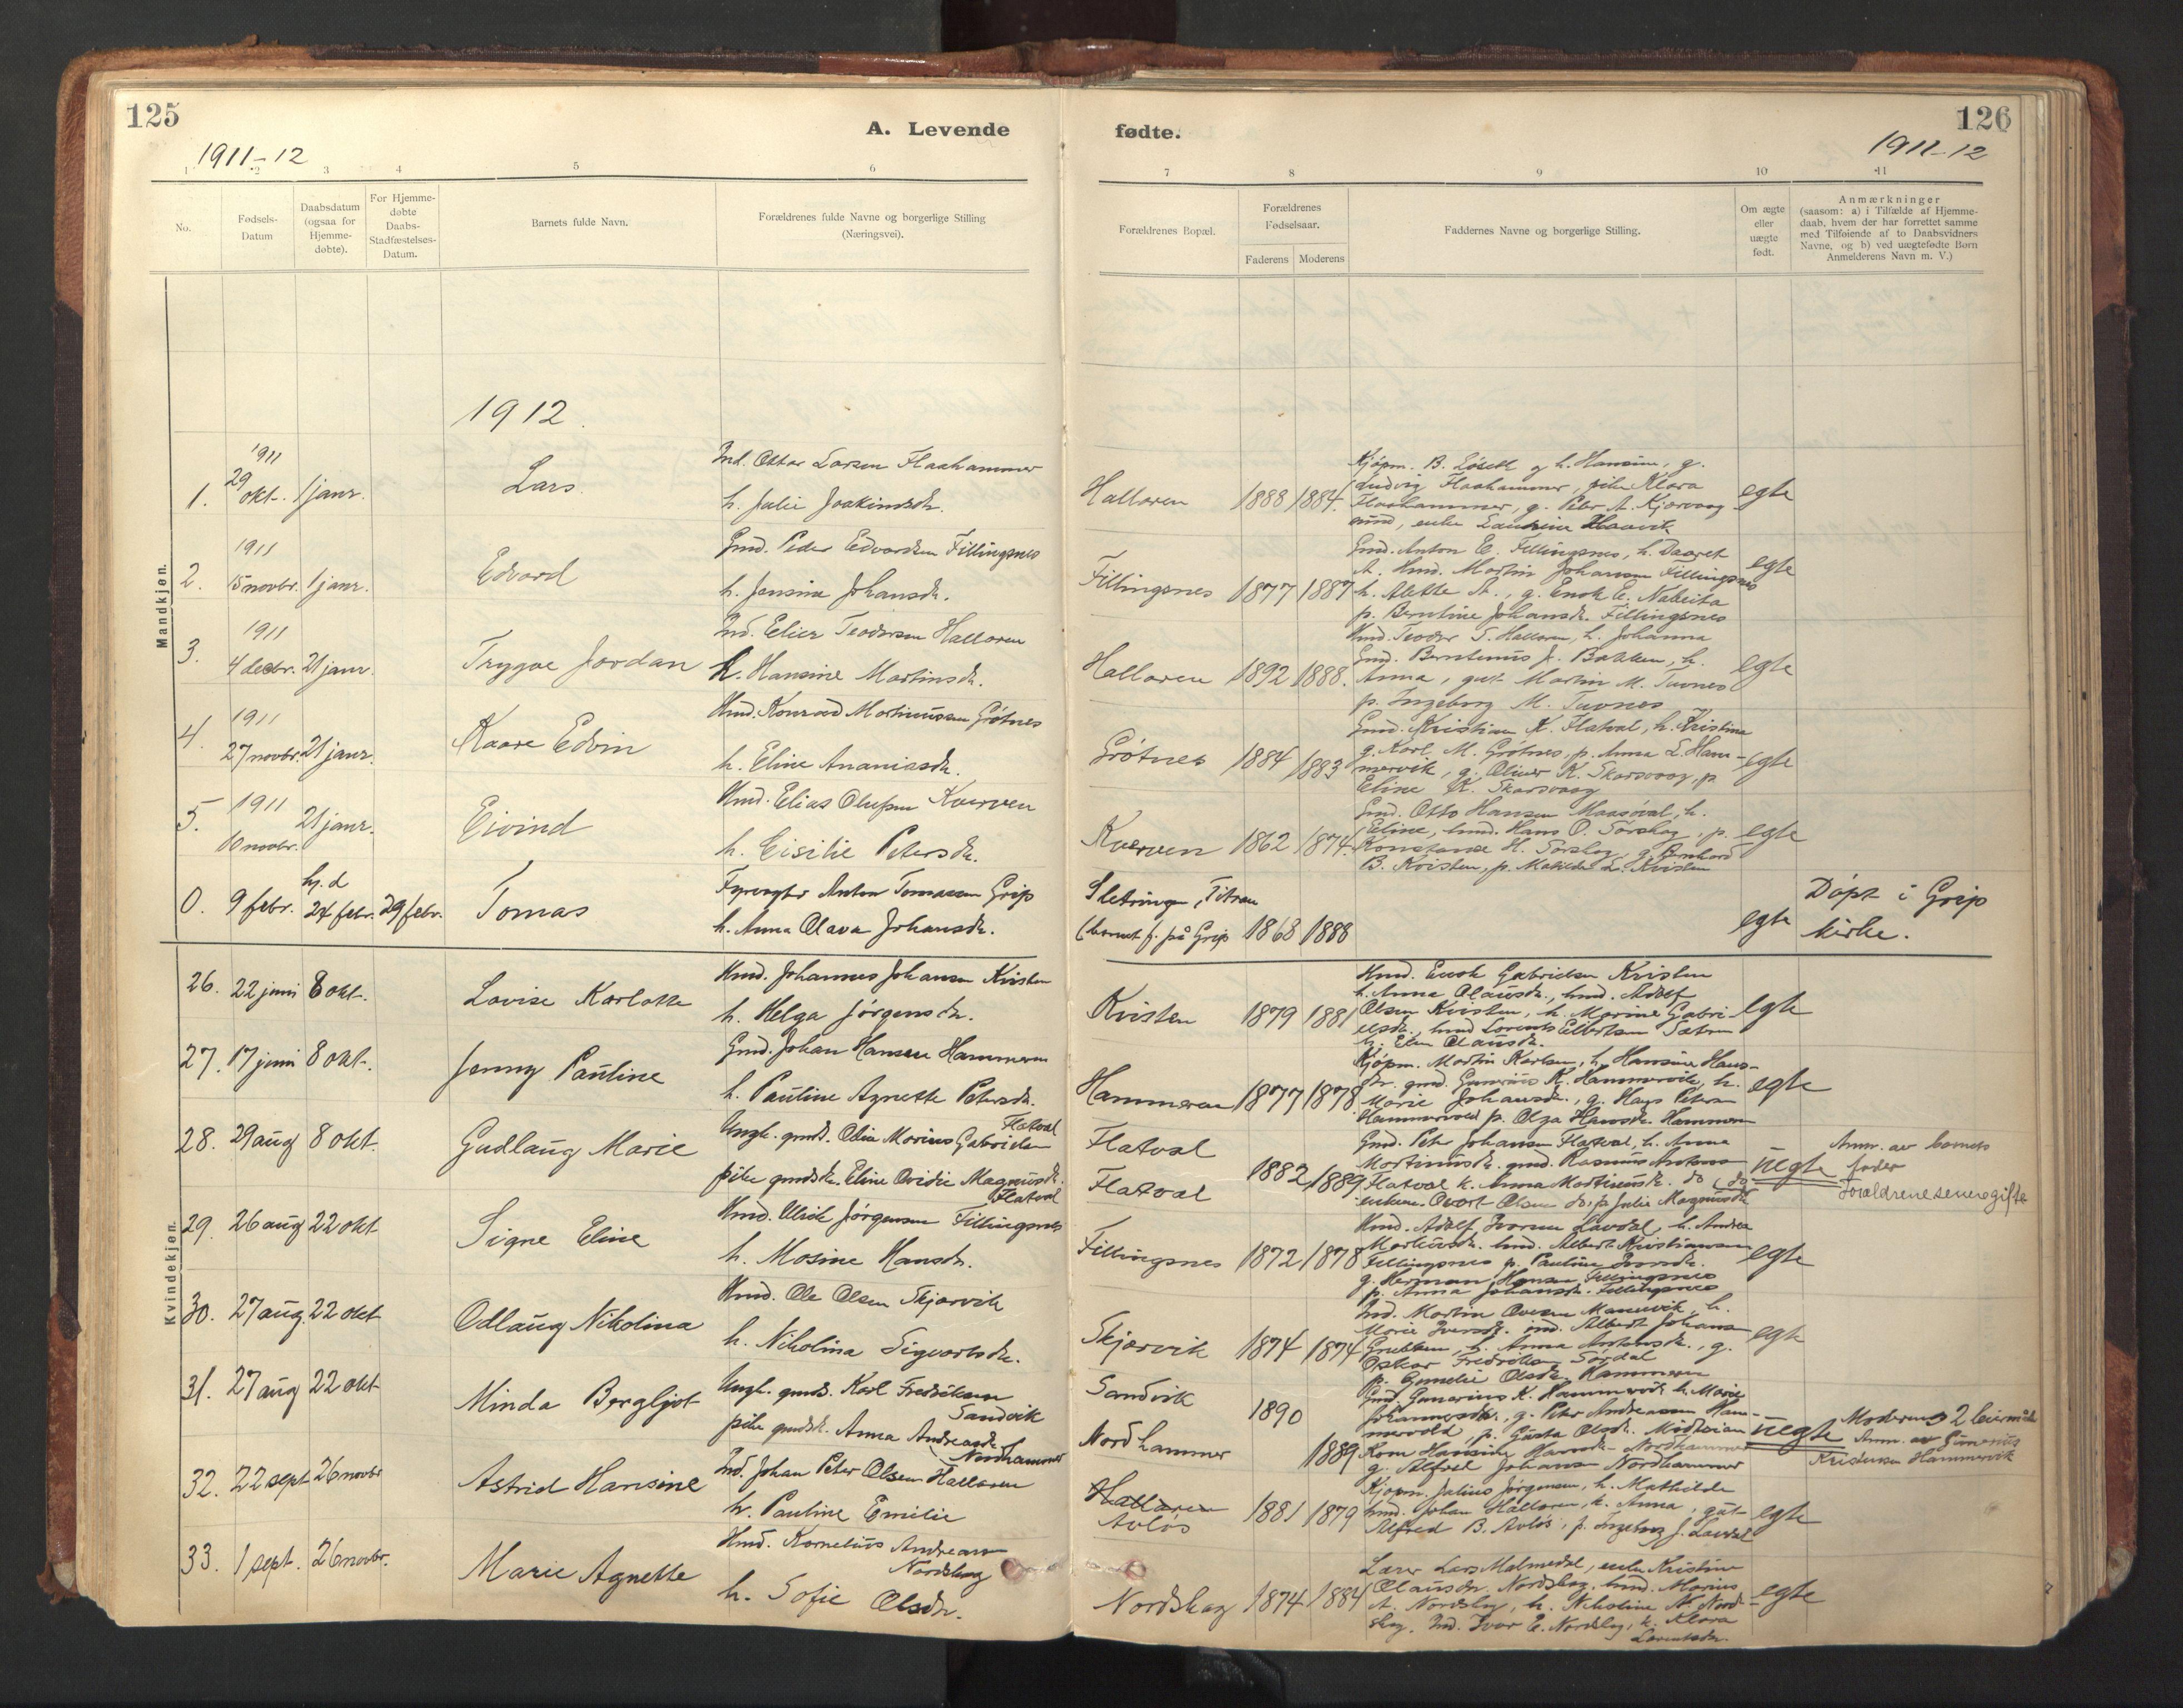 SAT, Ministerialprotokoller, klokkerbøker og fødselsregistre - Sør-Trøndelag, 641/L0596: Ministerialbok nr. 641A02, 1898-1915, s. 125-126